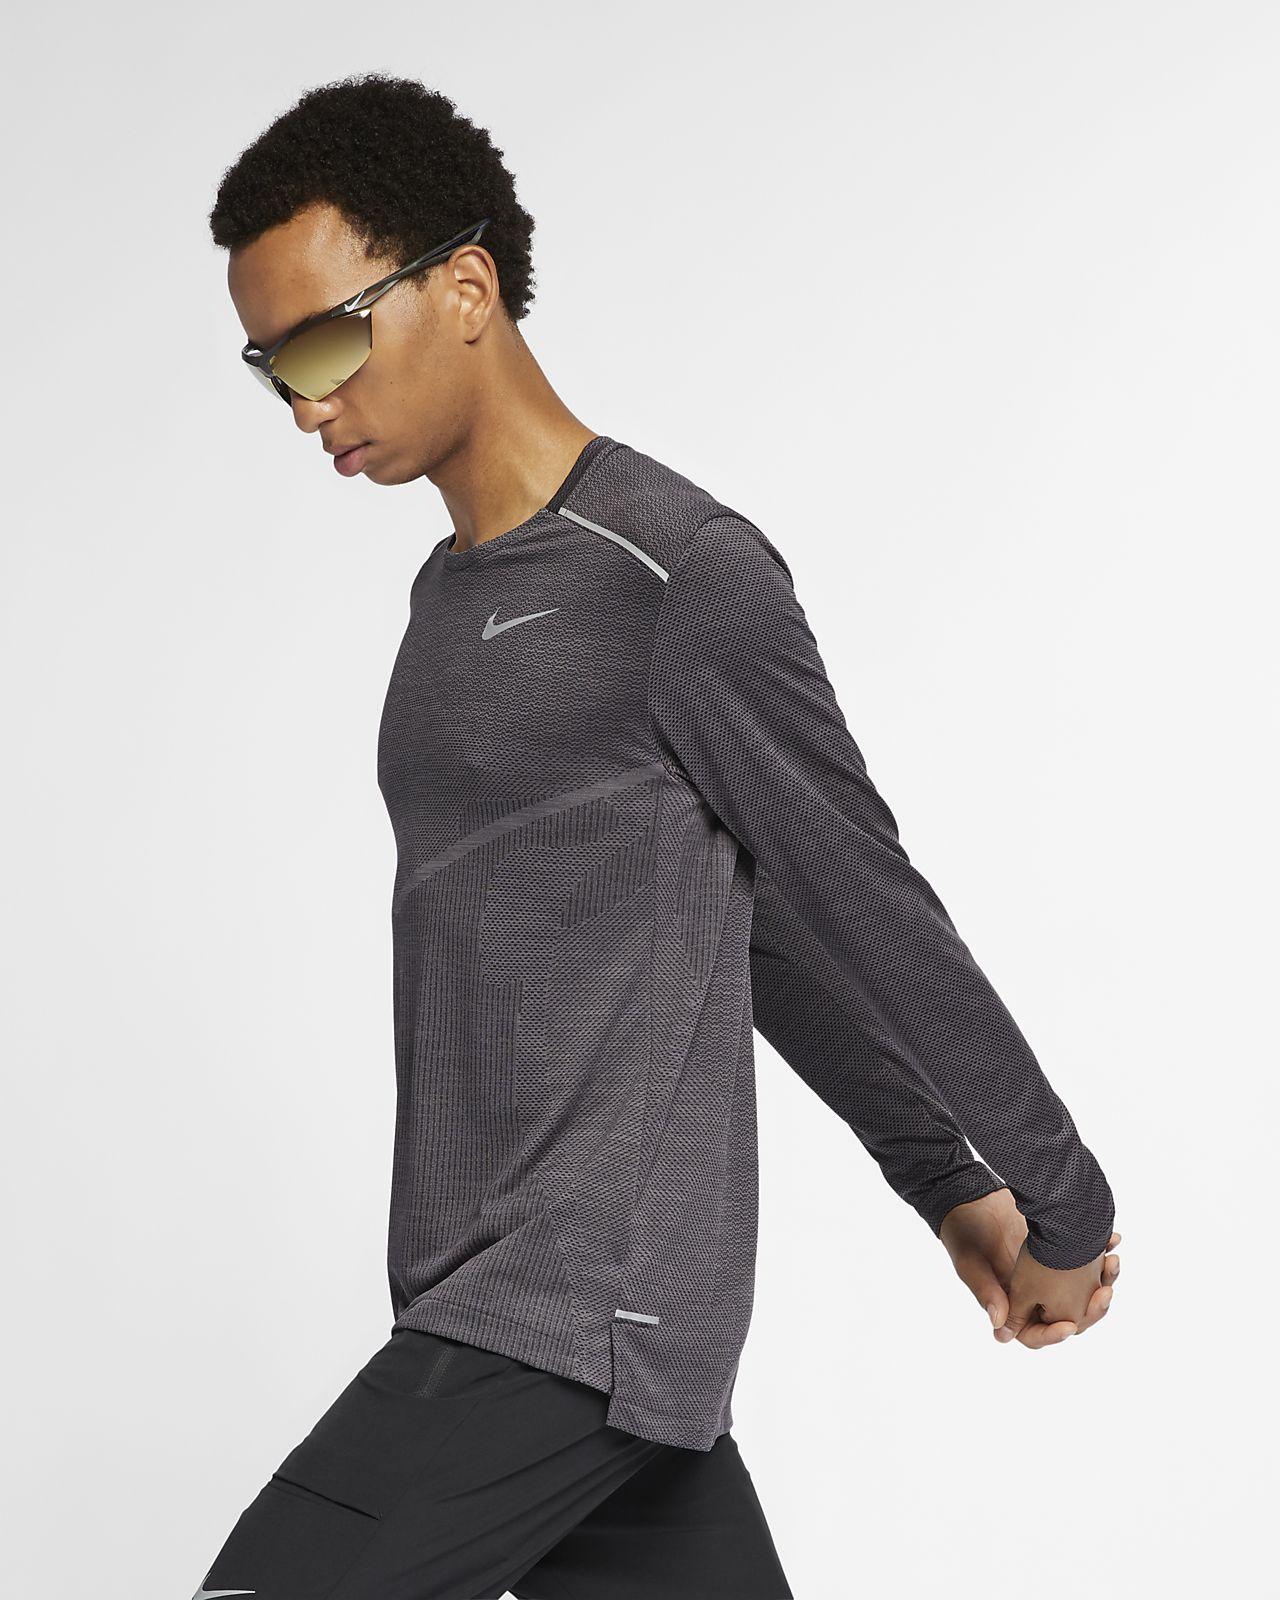 16076f84 Nike TechKnit Ultra Men's Long-Sleeve Running Top. Nike.com